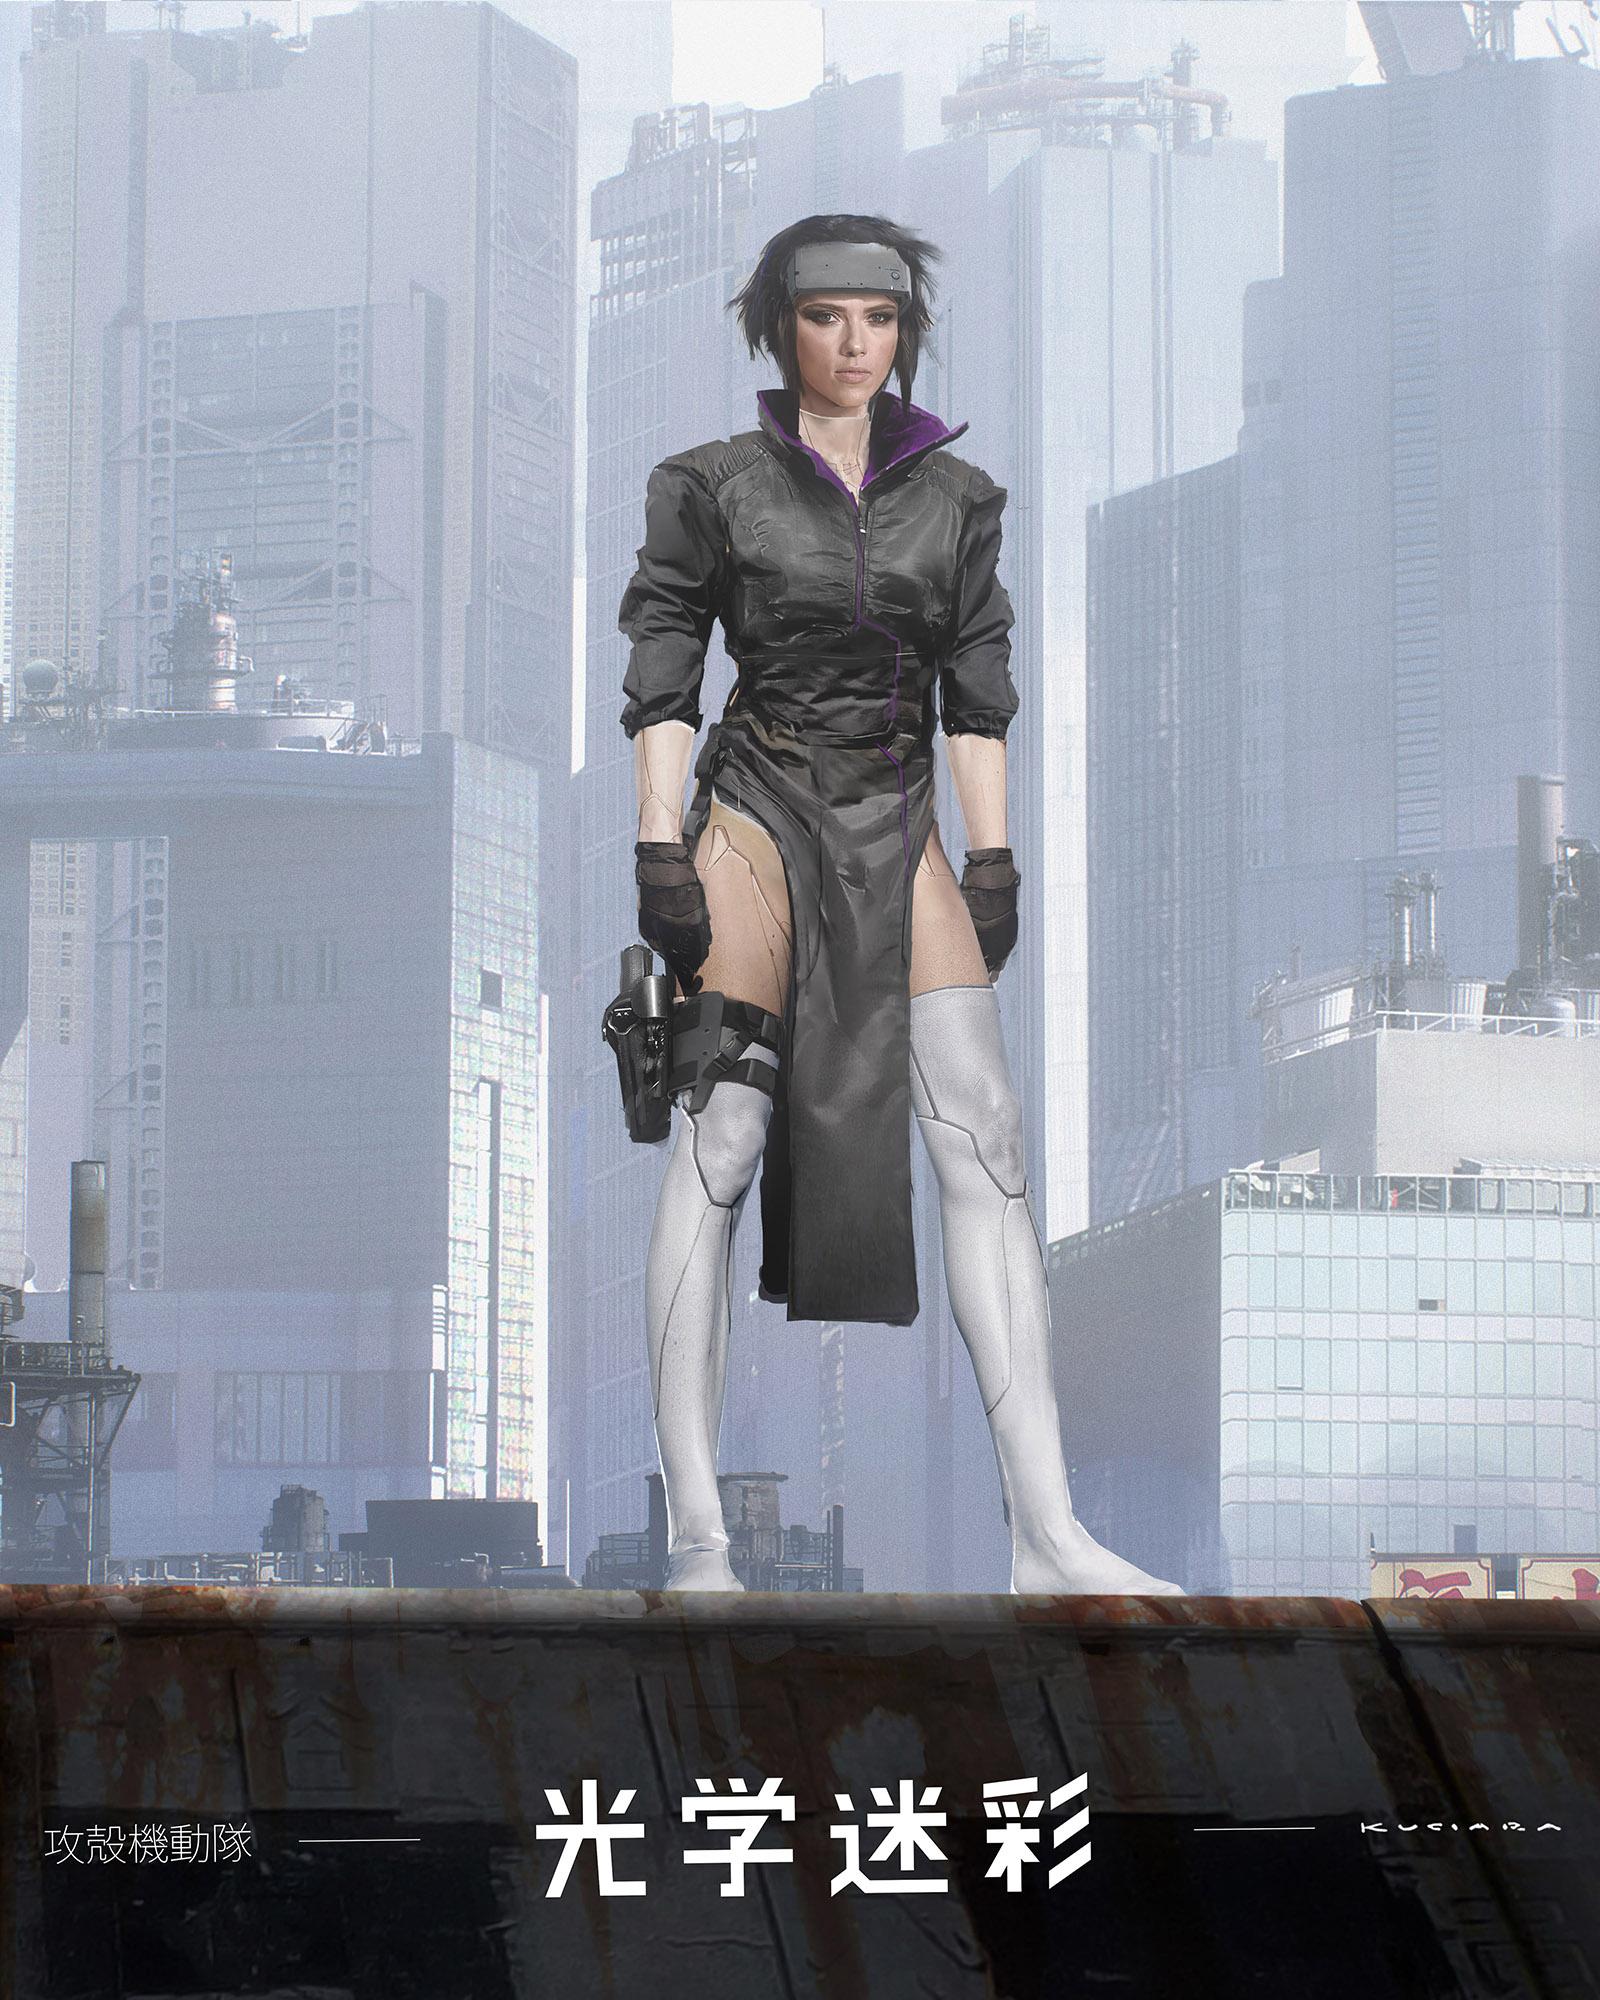 GITS_MajorThermoOptical+Tactical_MK_071315_v02classic.jpg